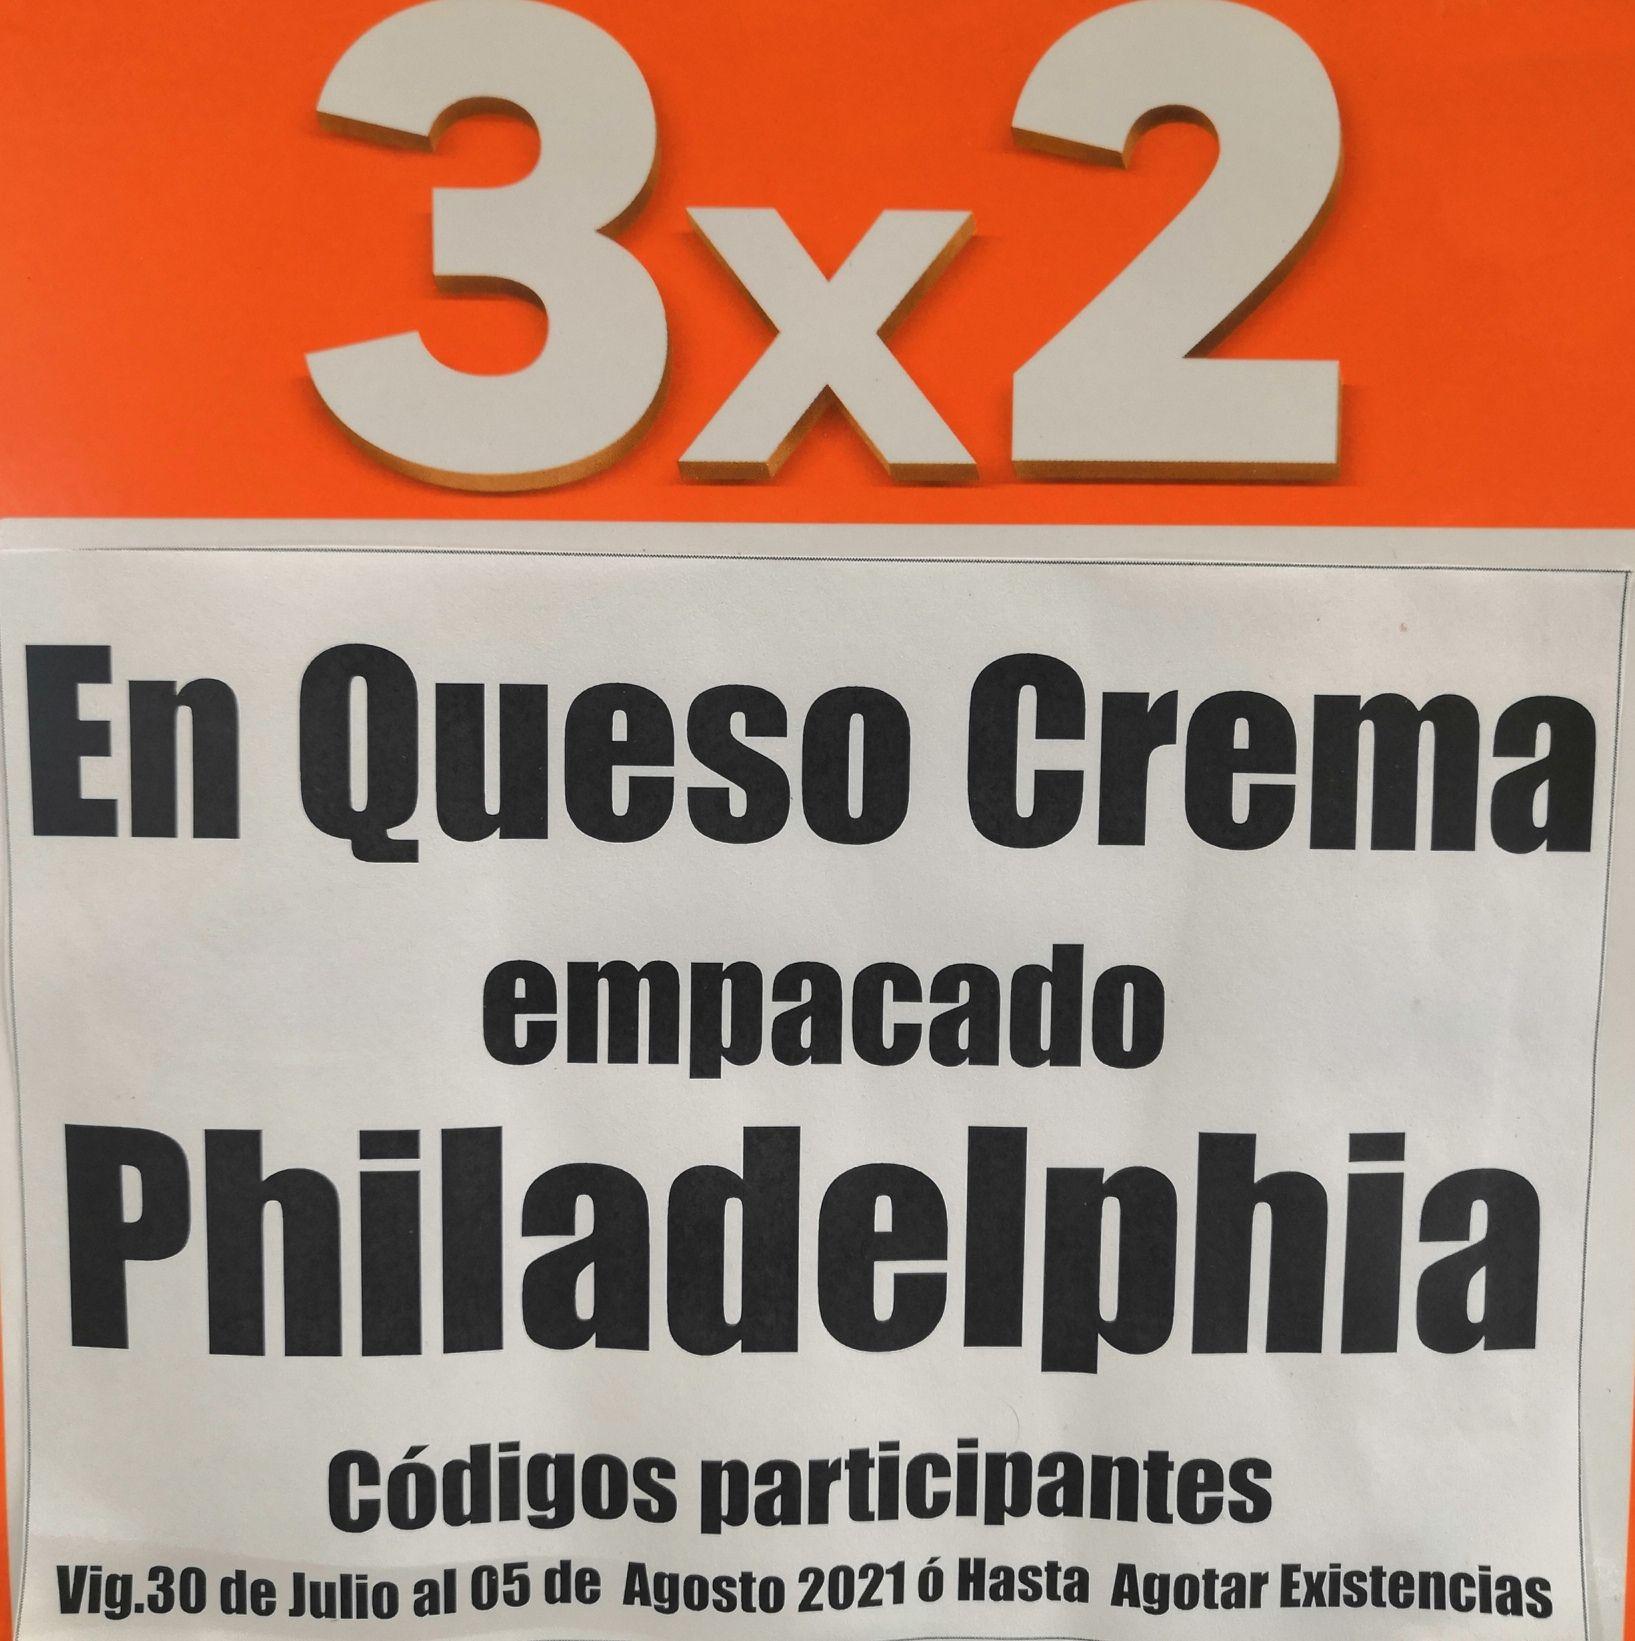 La Comer: 3 x 2 en queso crema Philadelphia empacado y amarillo Kraft